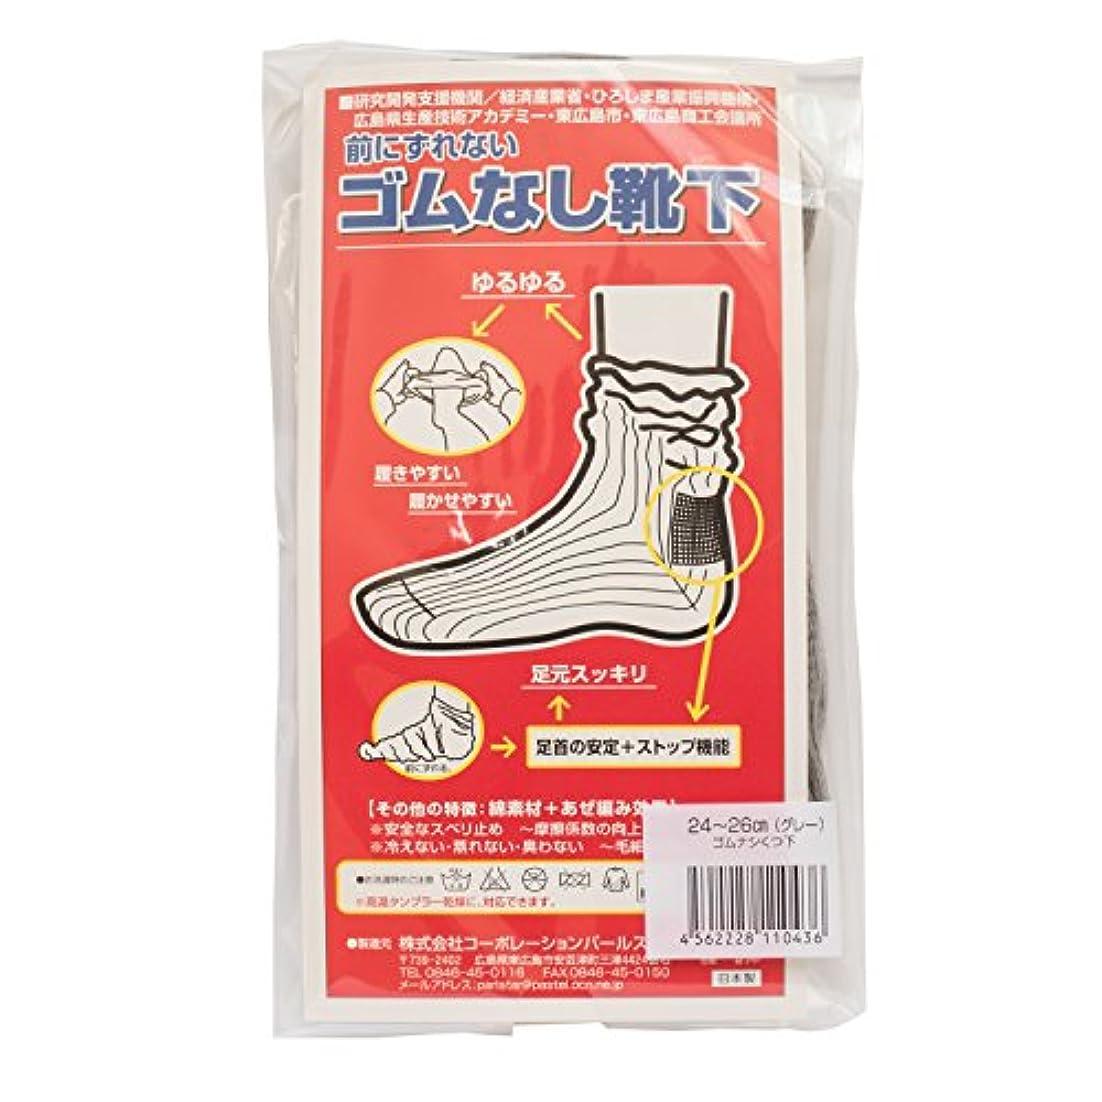 遠近法くるみ事前コーポレーションパールスター 前にずれない ゴムなし靴下 グレー 24~26cm